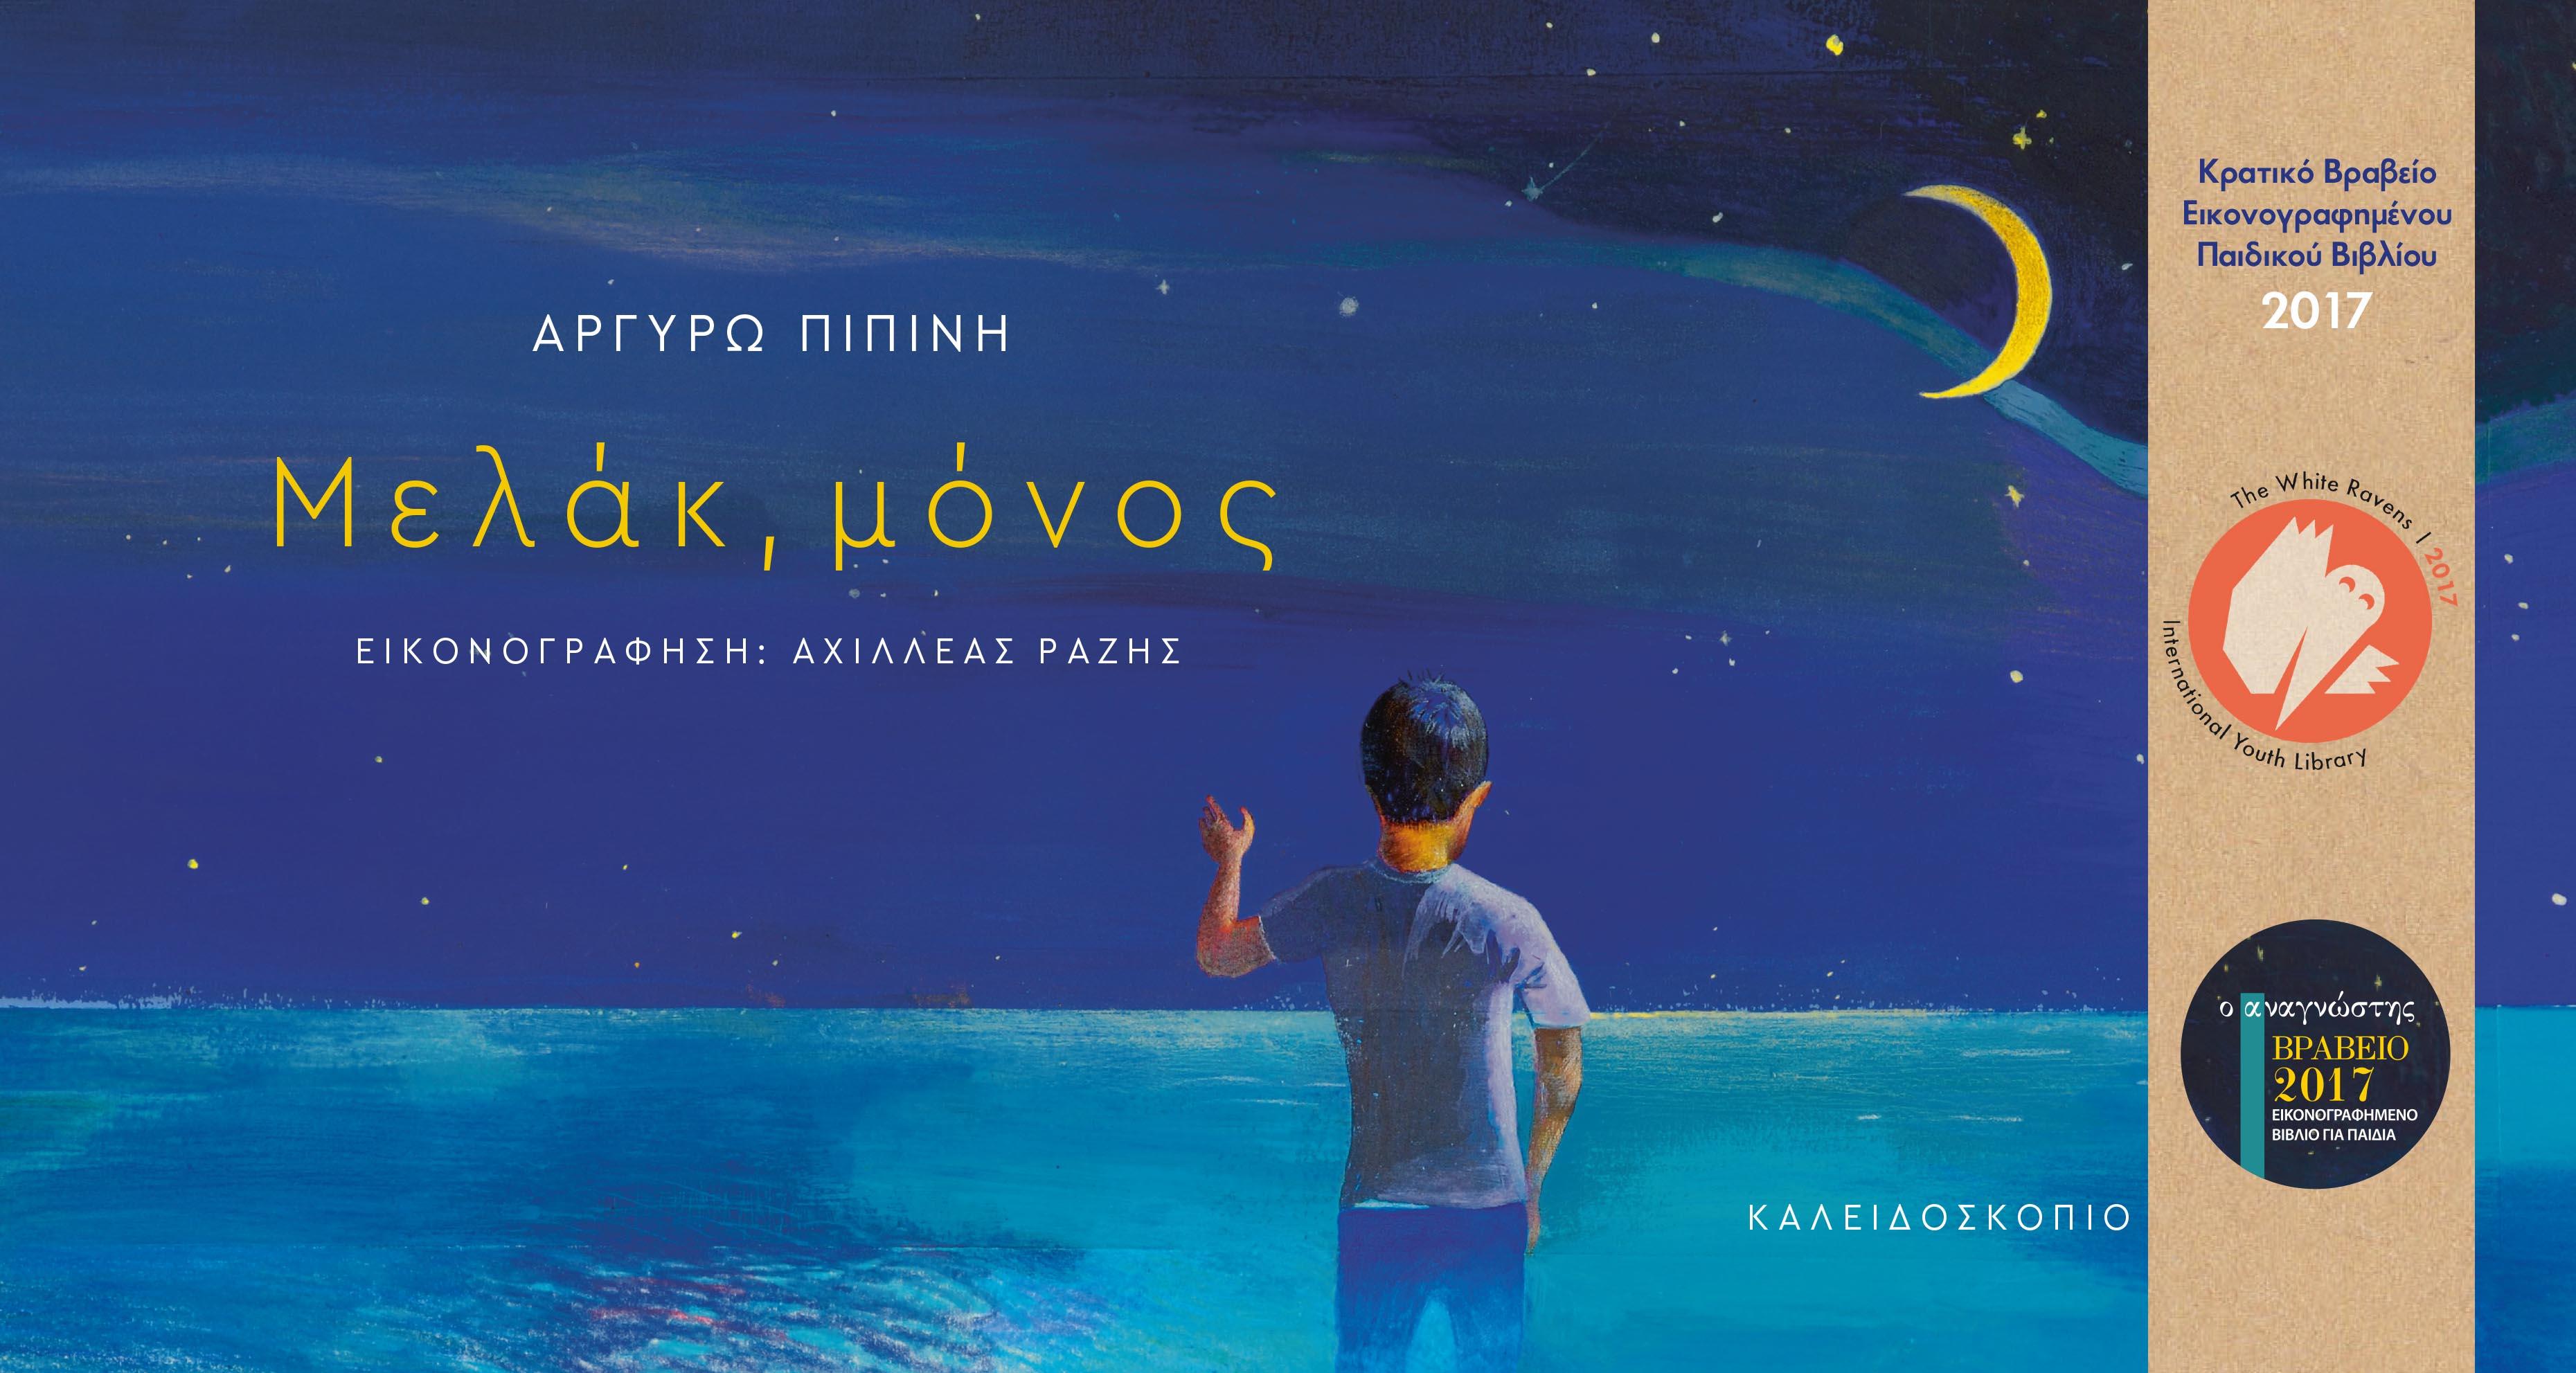 κρατικό βραβείο εικονογραφημένου παιδικού βιβλίου 2017